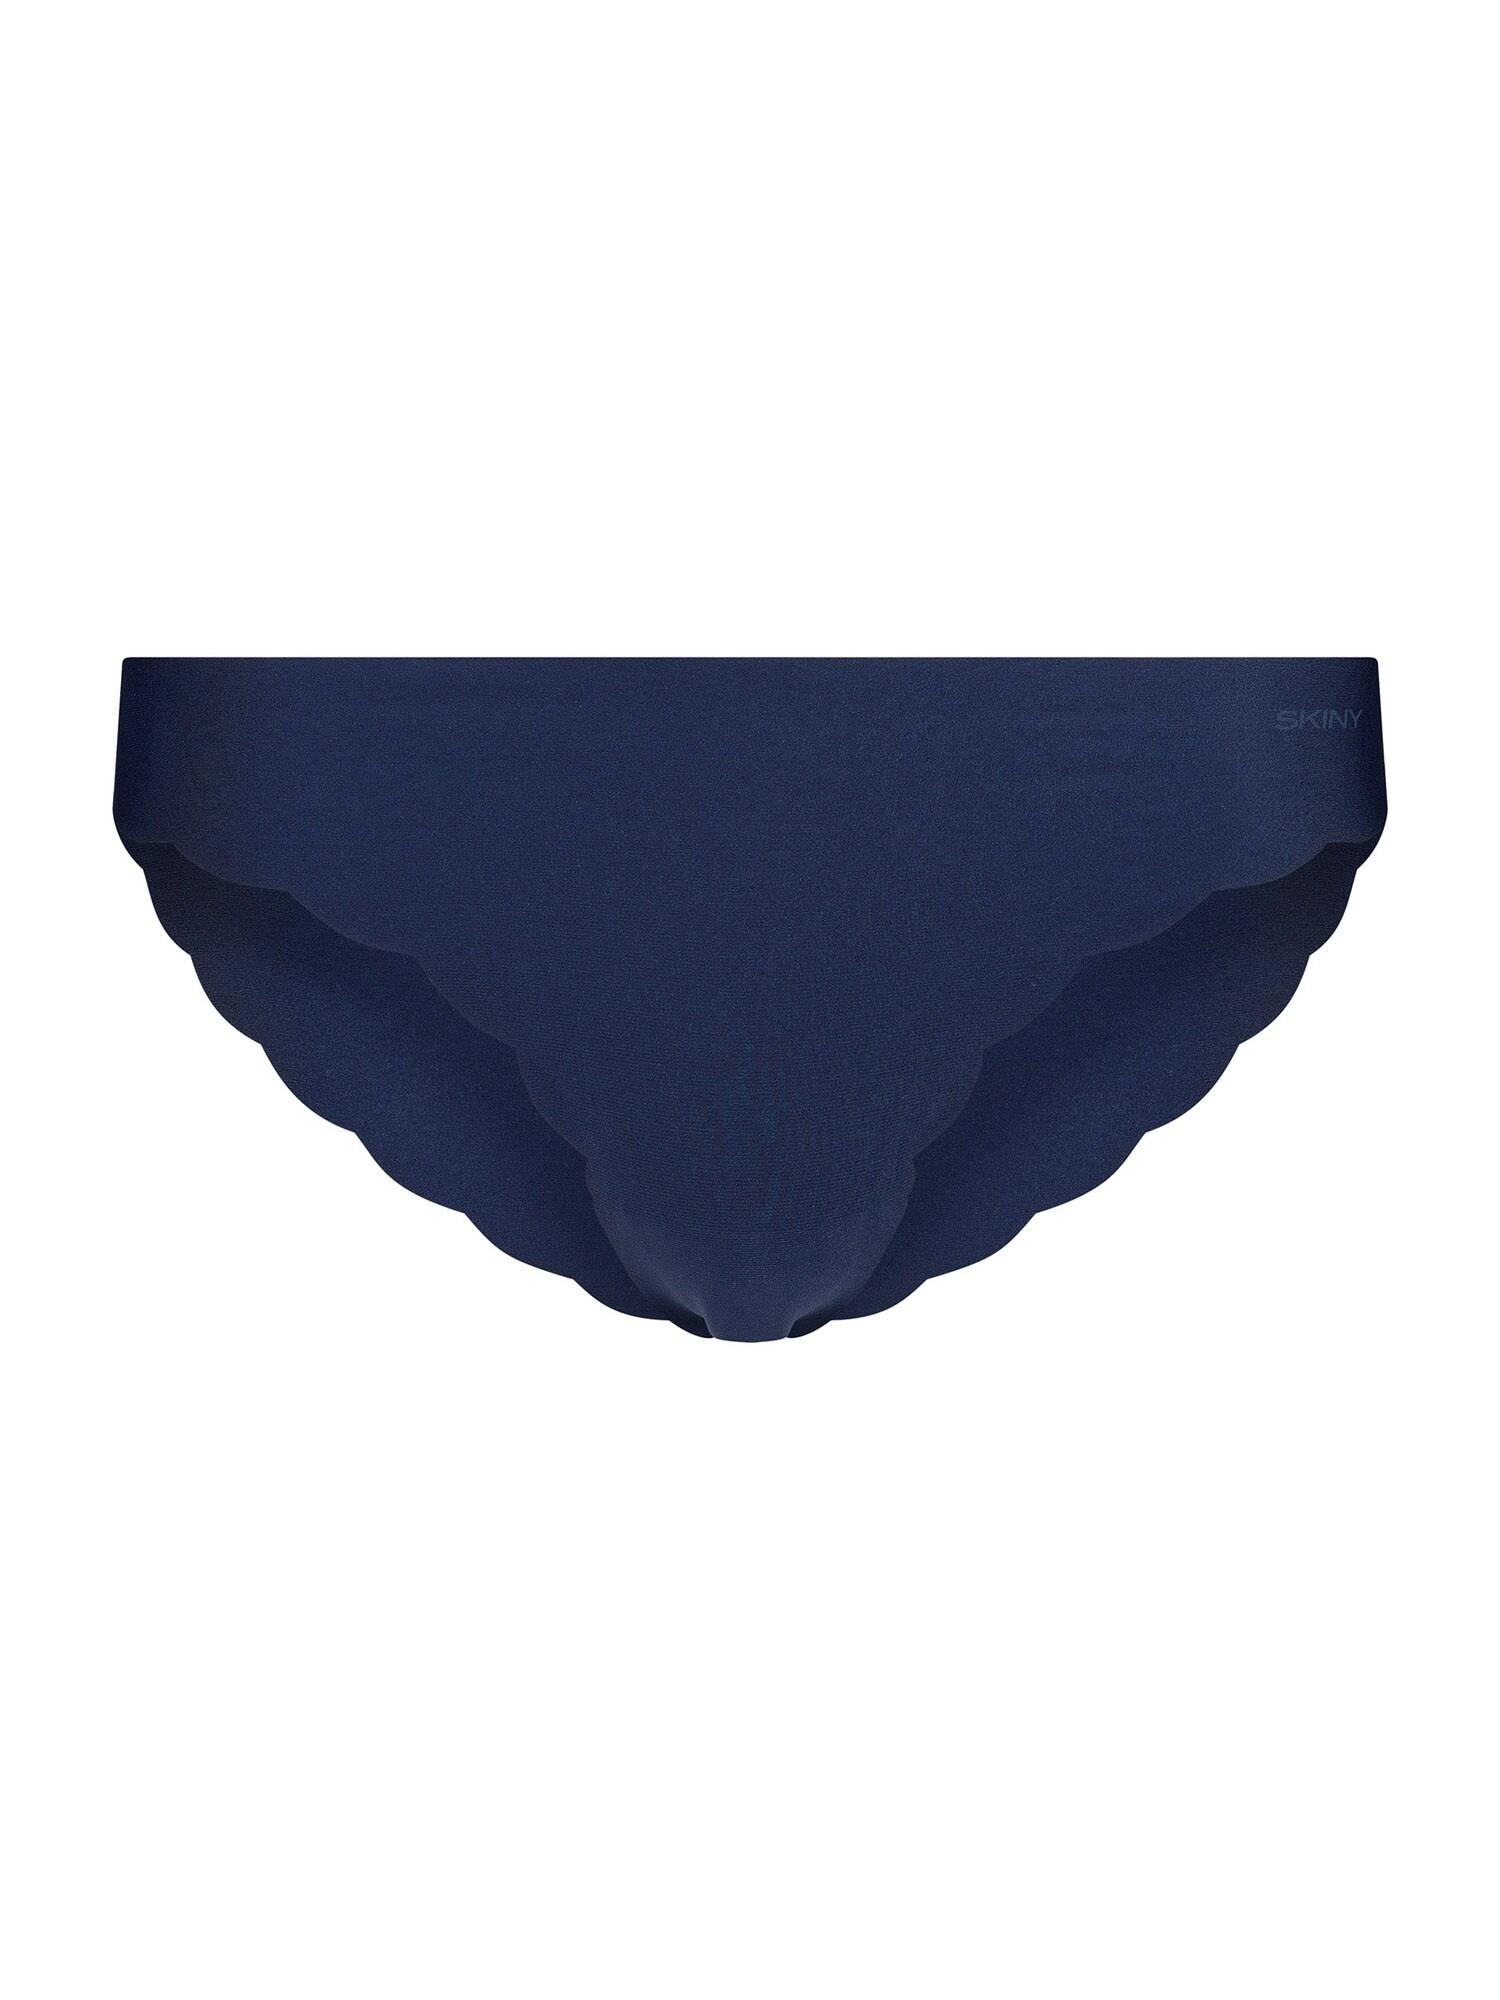 Skiny Kalhotky 'Micro Lovers Rio'  námořnická modř